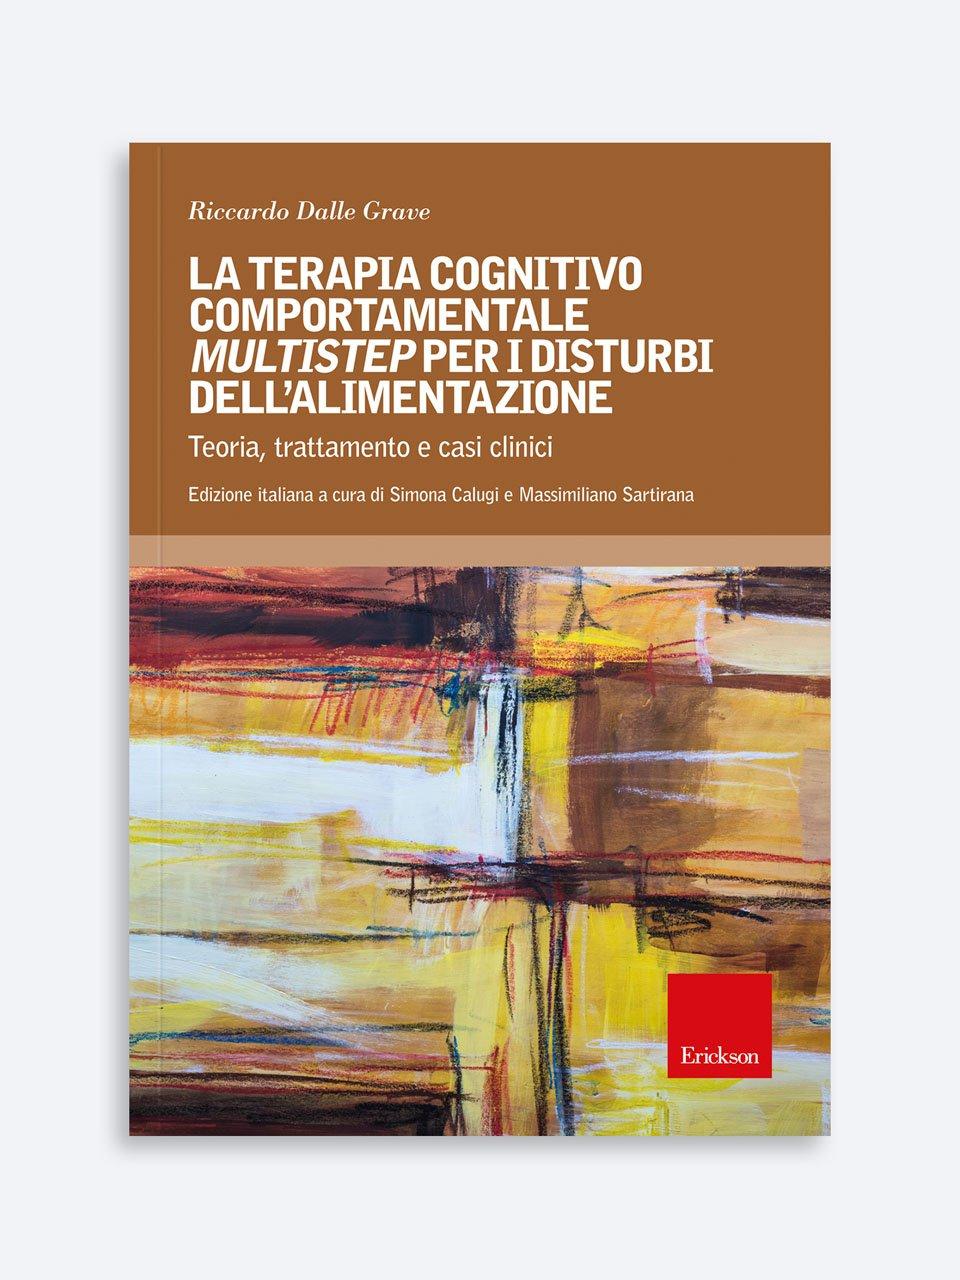 La terapia cognitivo-comportamentale multistep per i disturbi dell'alimentazione - Manuale di psicoeducazione per disturbi dell'alime - Libri - Erickson